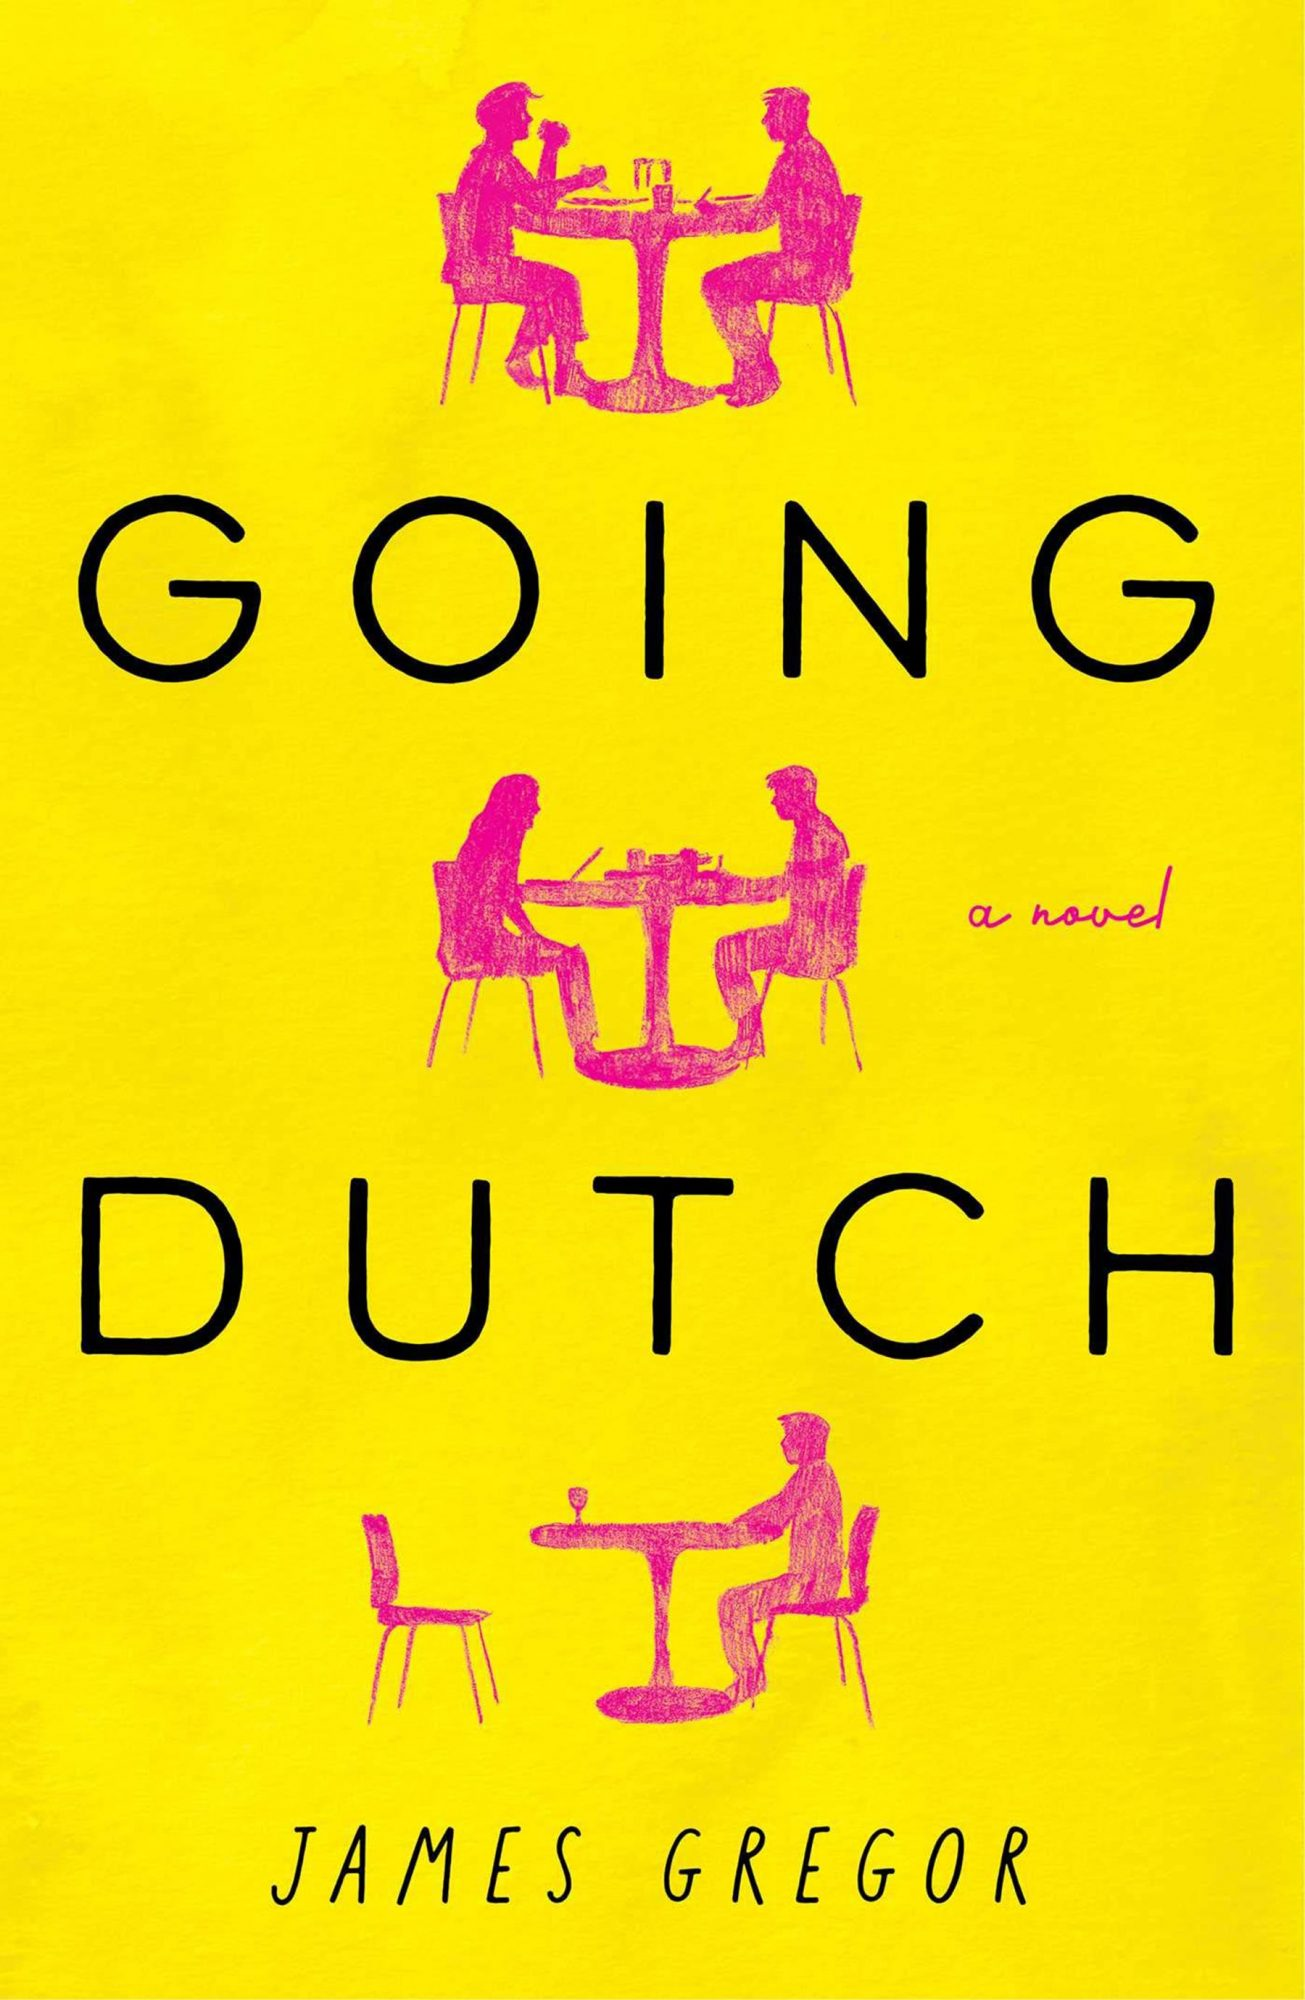 James Gregor, Going DutchCredit: Simon & Schuster